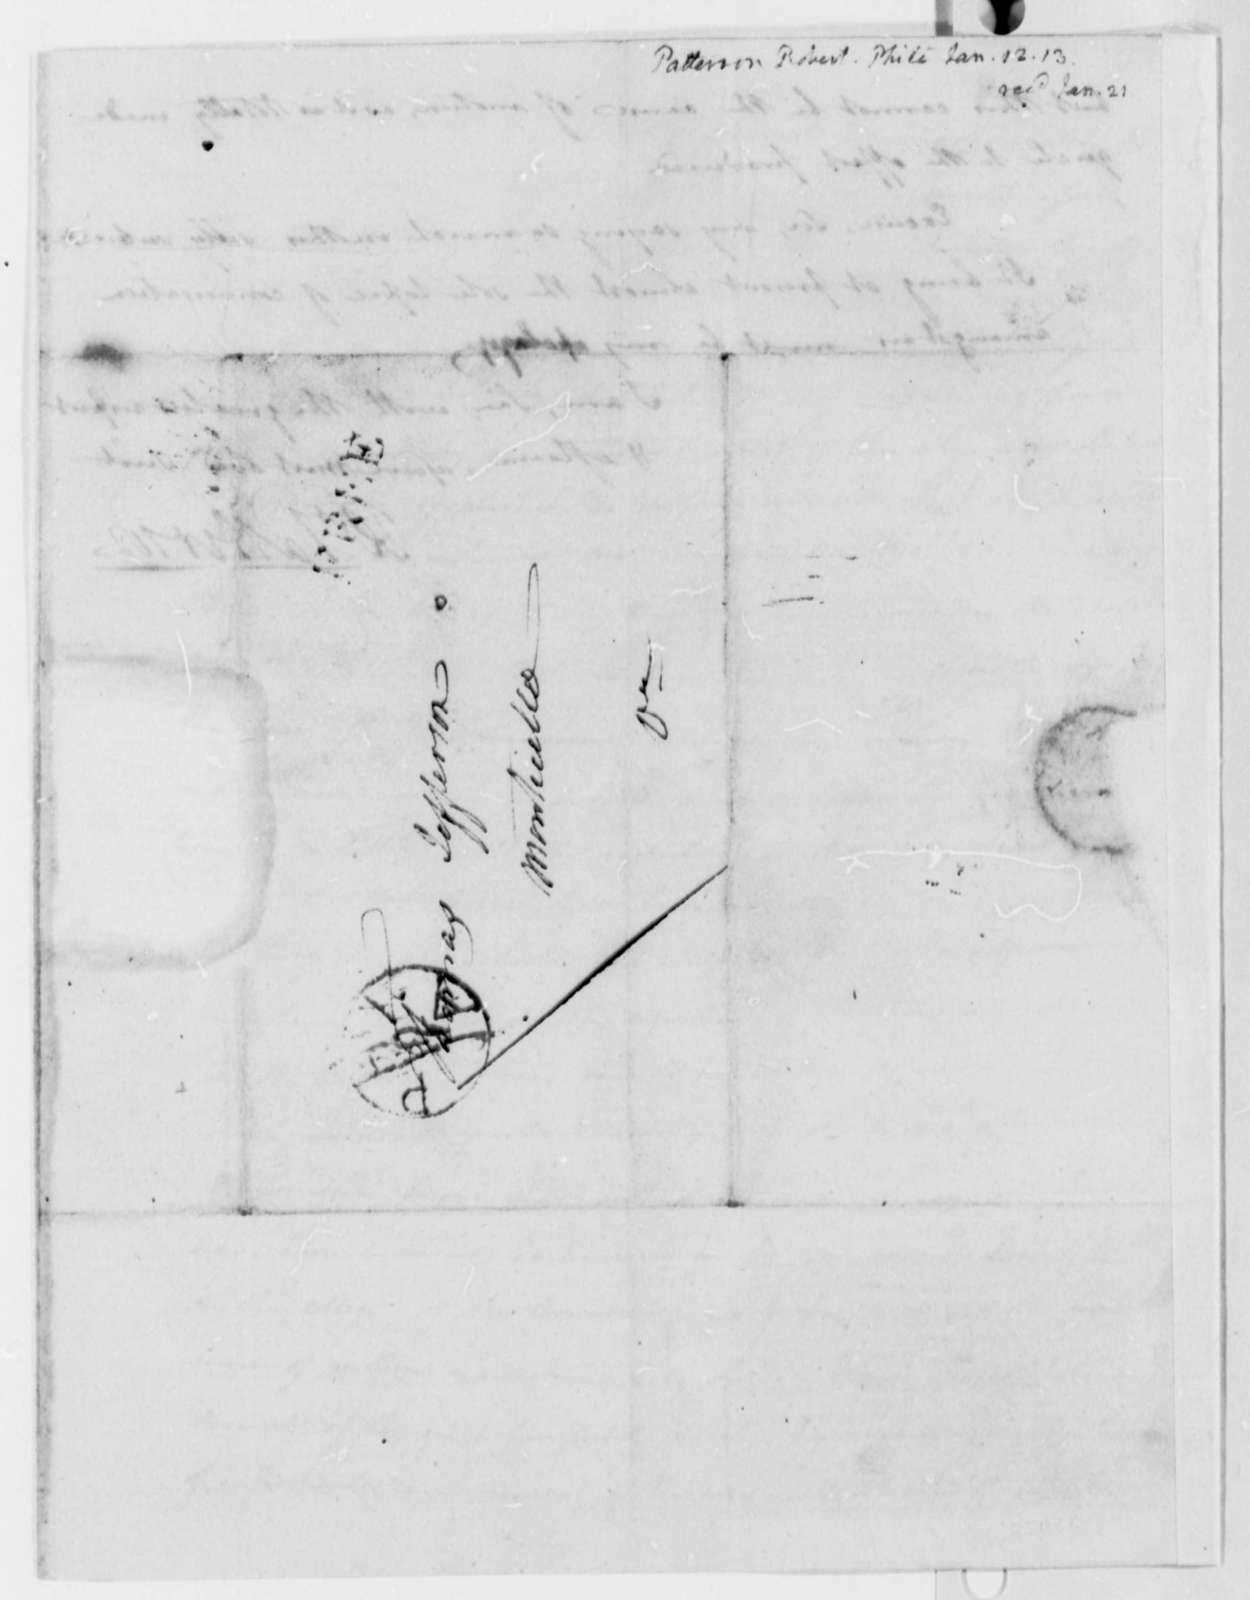 Robert Patterson to Thomas Jefferson, January 12, 1813